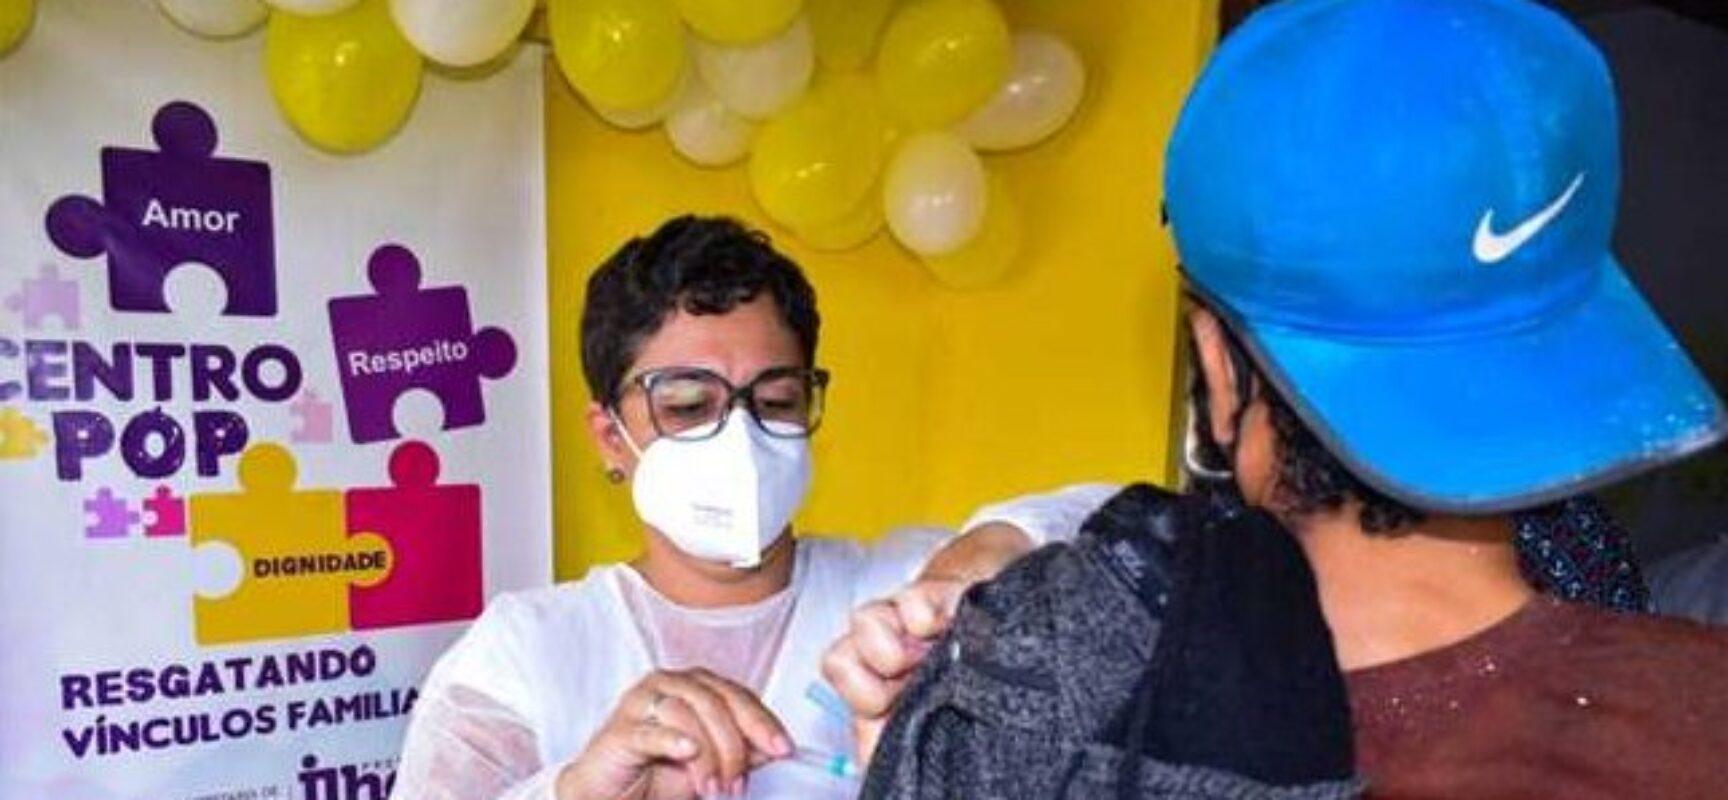 Prefeitura inicia vacinação contra a Covid-19 para população em situação de rua